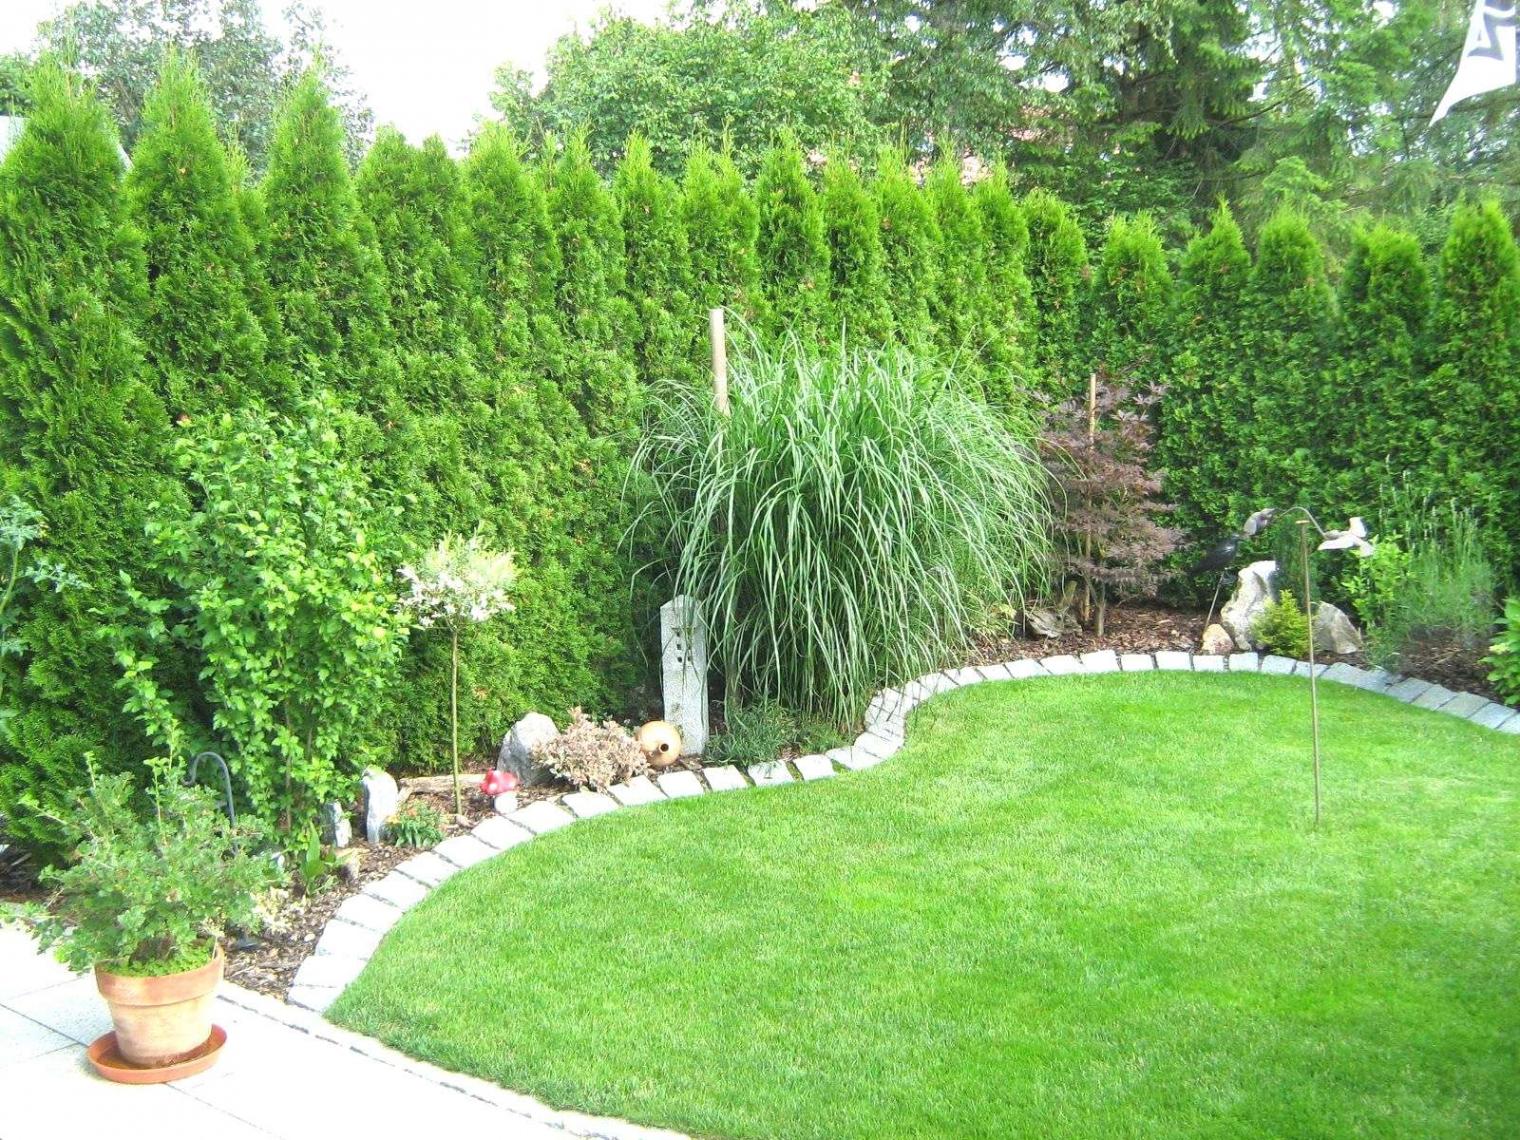 reihenhausgarten modern gestalten mit kleiner reihenhausgarten gestalten temobardz home blog 32 und einen garten anlegen ehrfurchtig garten gestalten 0d house konzept kleiner reihenhausgarten gestalte